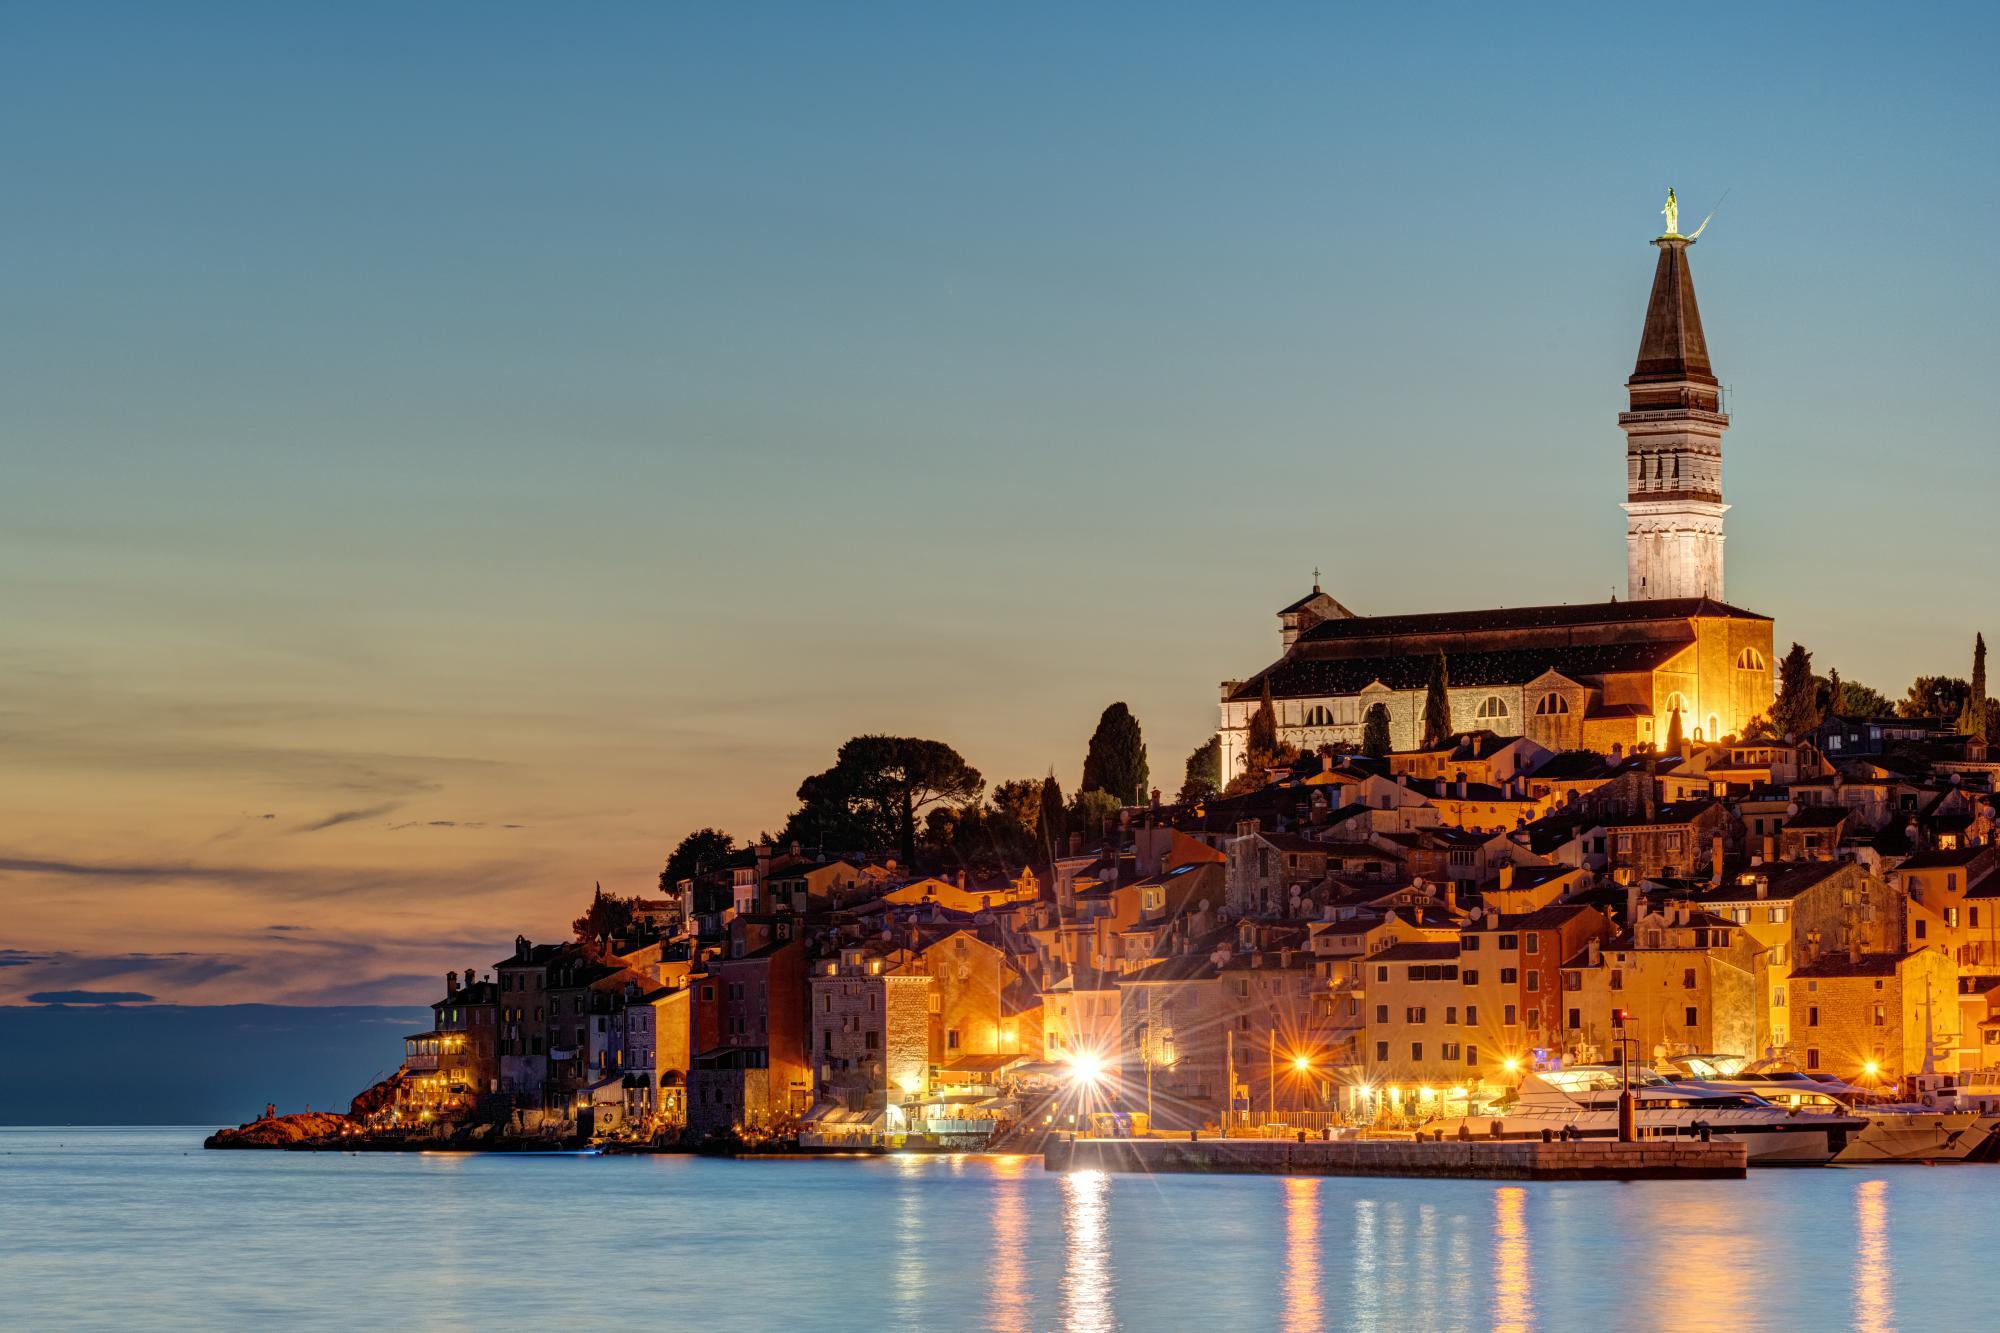 Хорватия опубликовала законопроект о ратификации BESP MLI